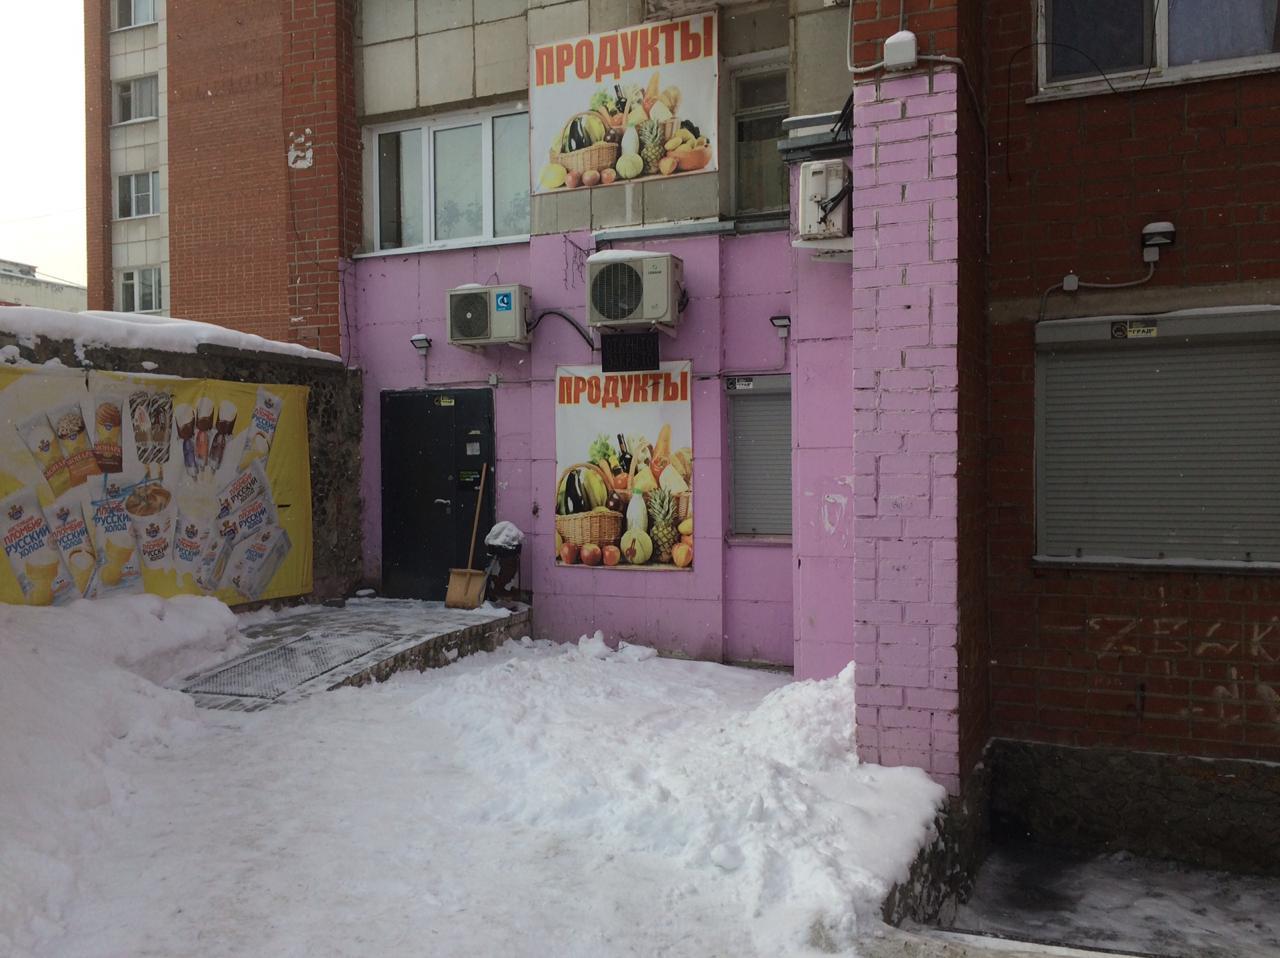 Retail в аренду по адресу Россия, Свердловская область, Екатеринбург, Профсоюзная ул., д. 45